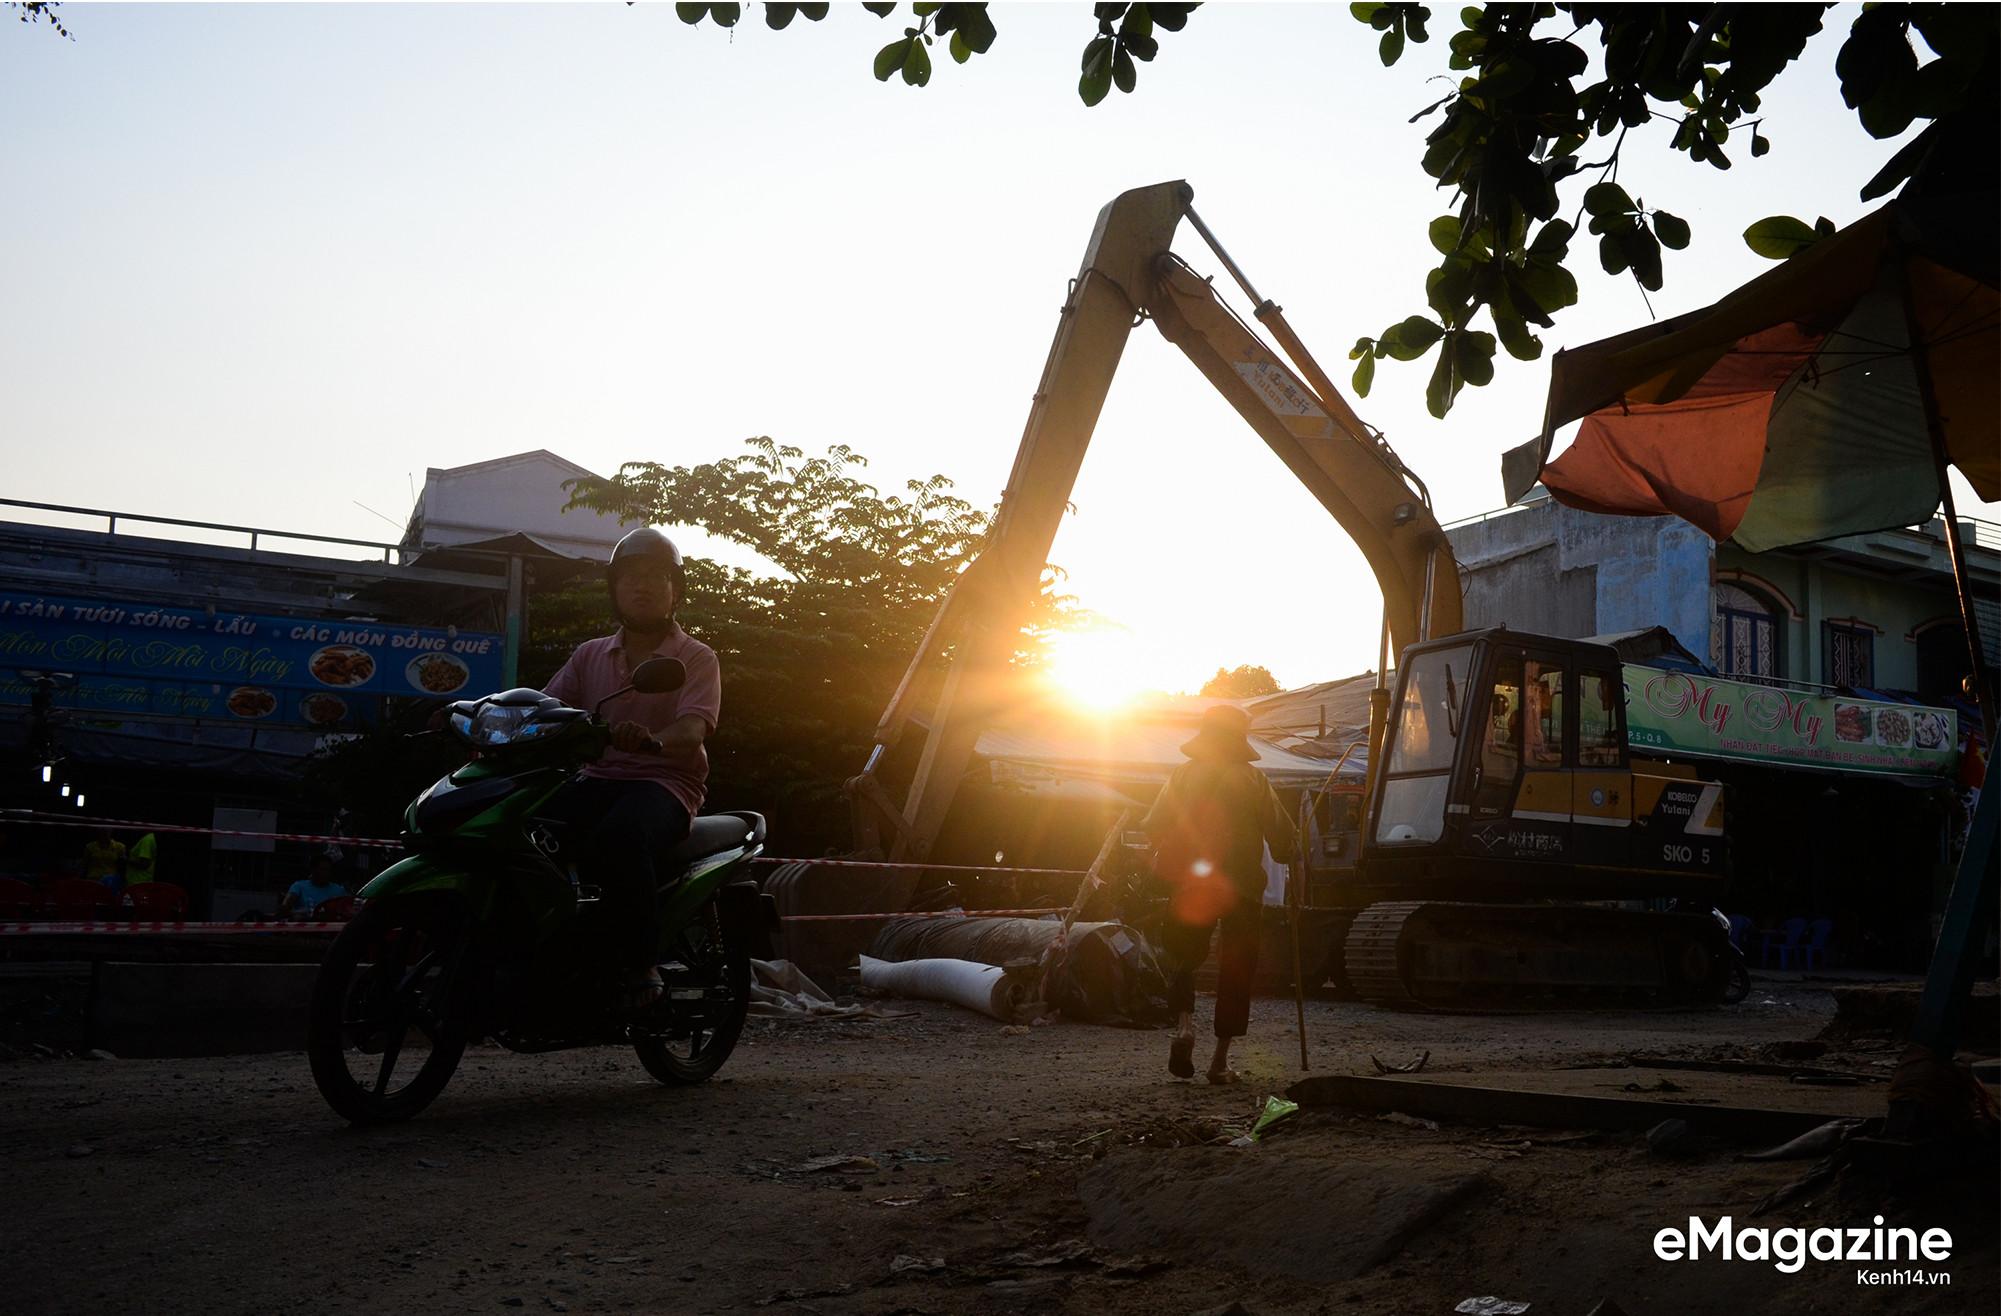 Tìm về những mảnh đời của người già bán vé số Sài Gòn: Nơi quê hương không ngọt - Ảnh 21.